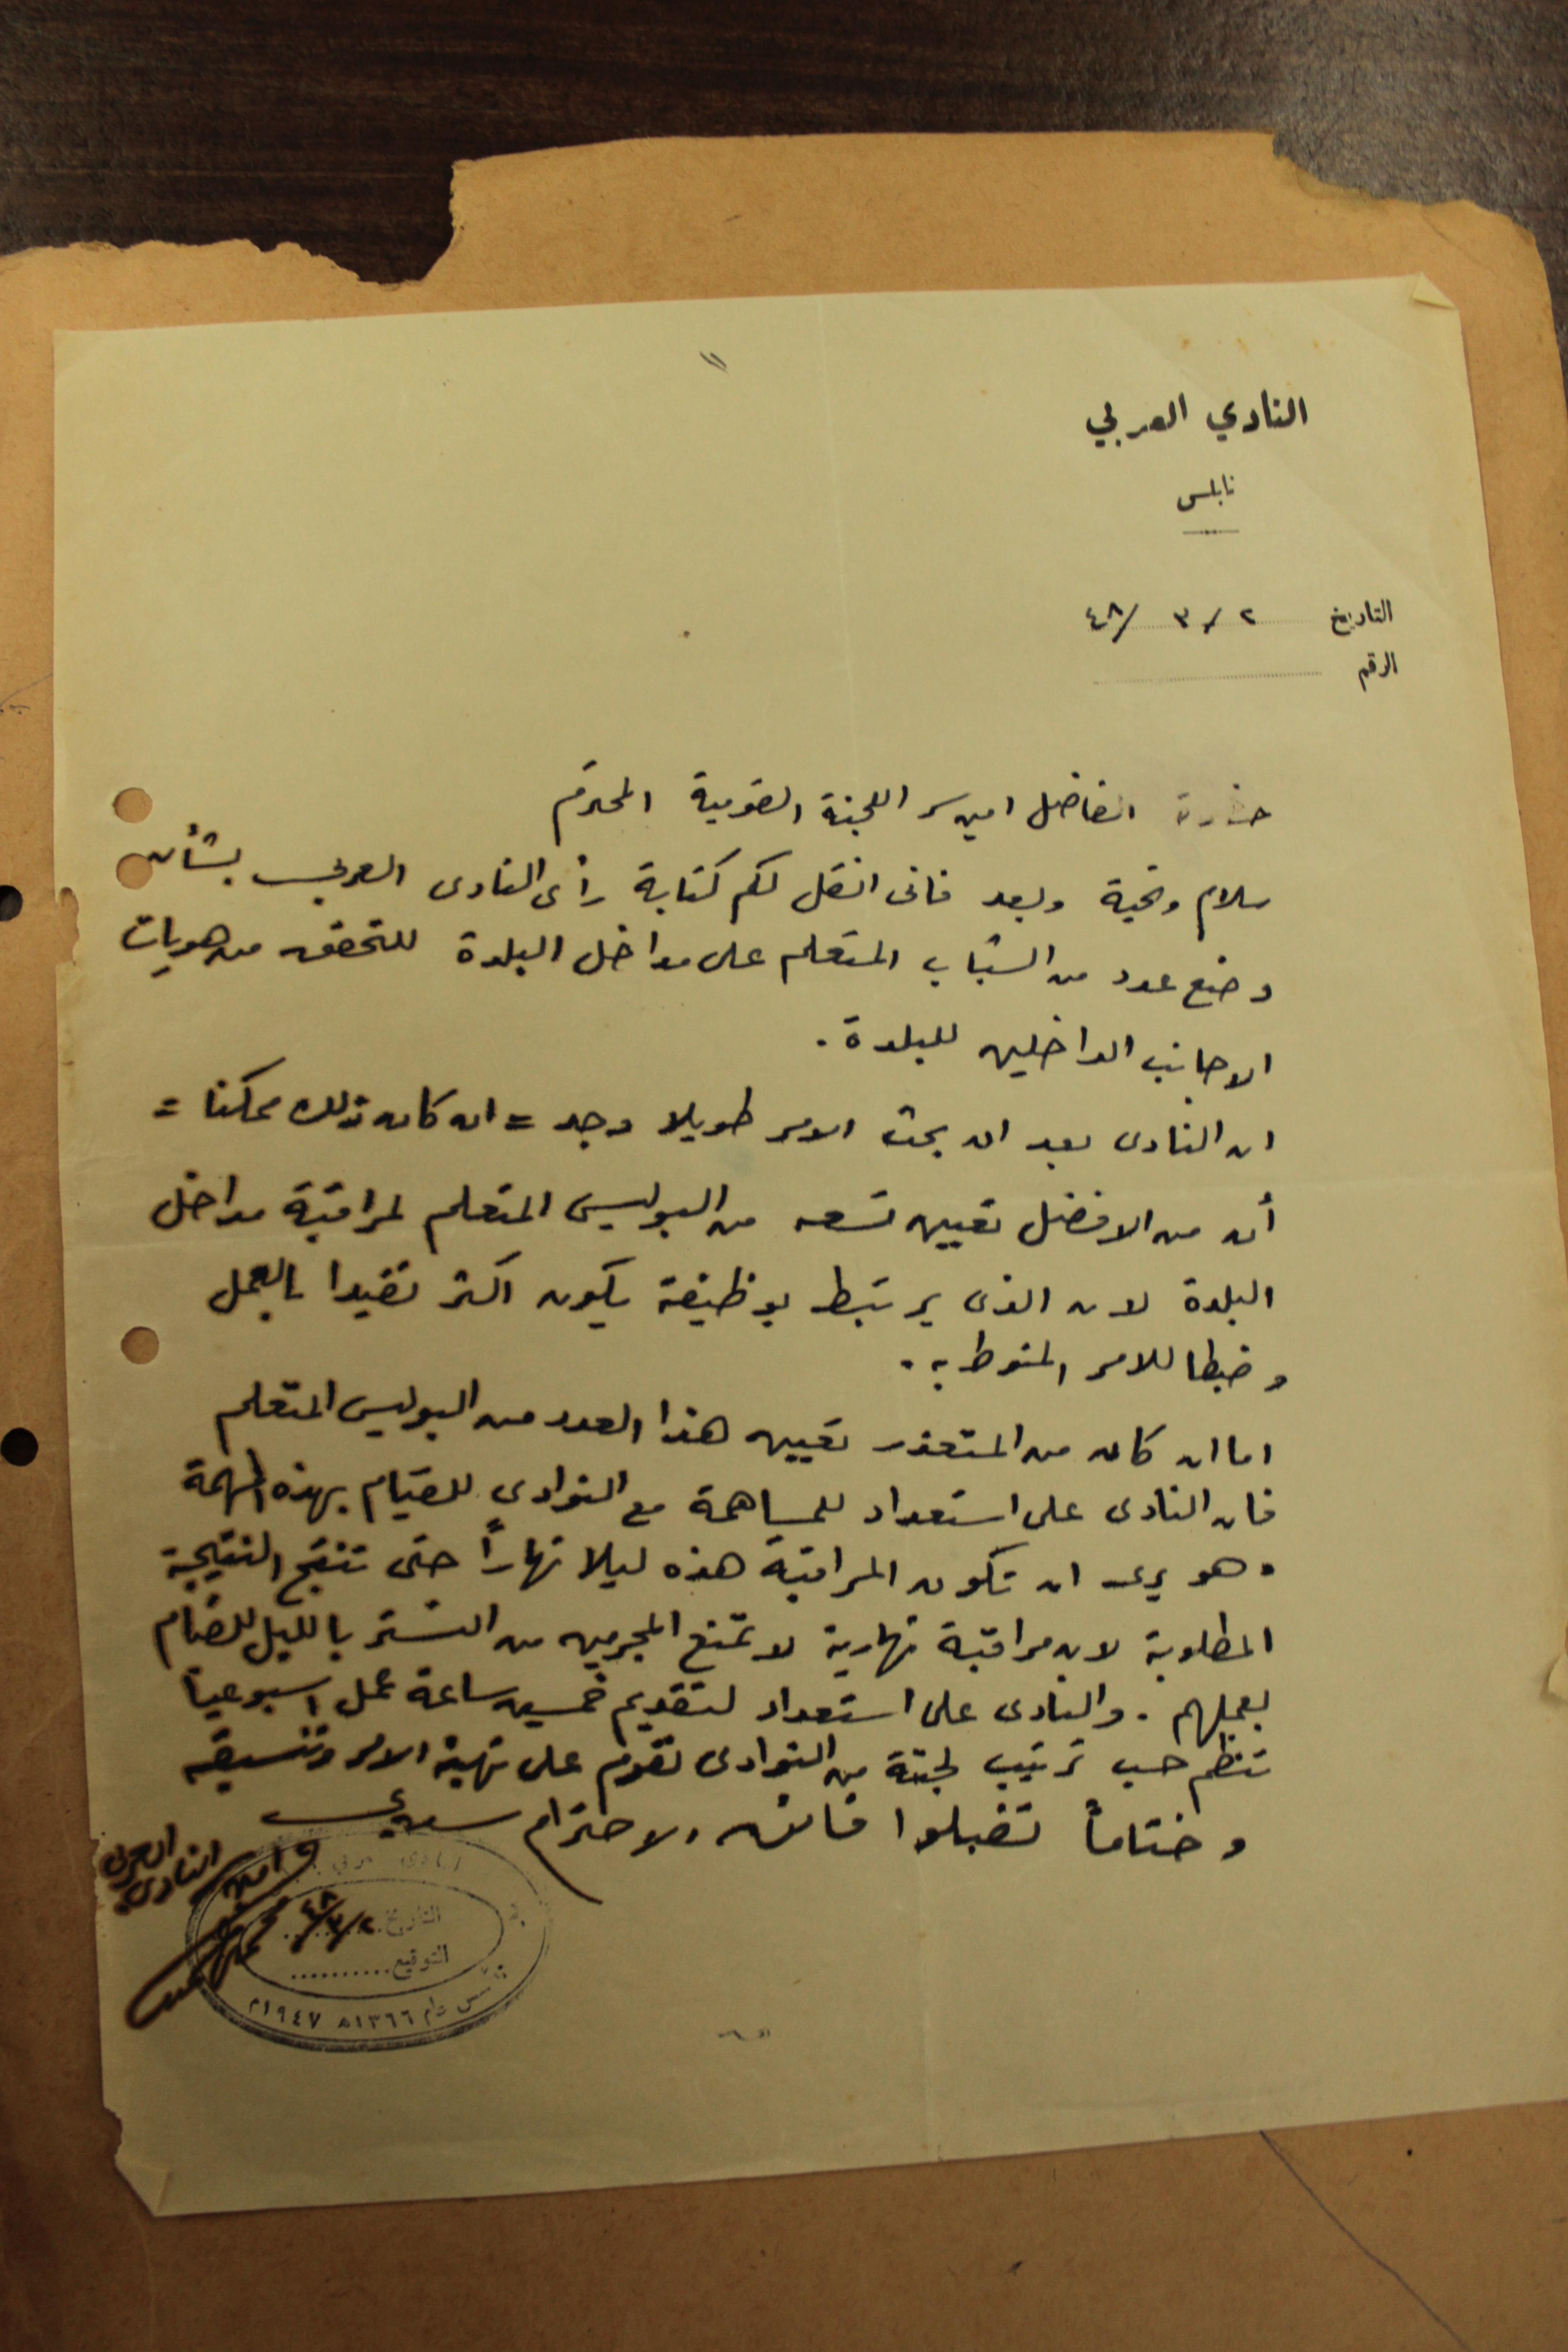 جبهة الانقاذ الخاصة بالشؤون العسكرية عام 1948 (11).JPG